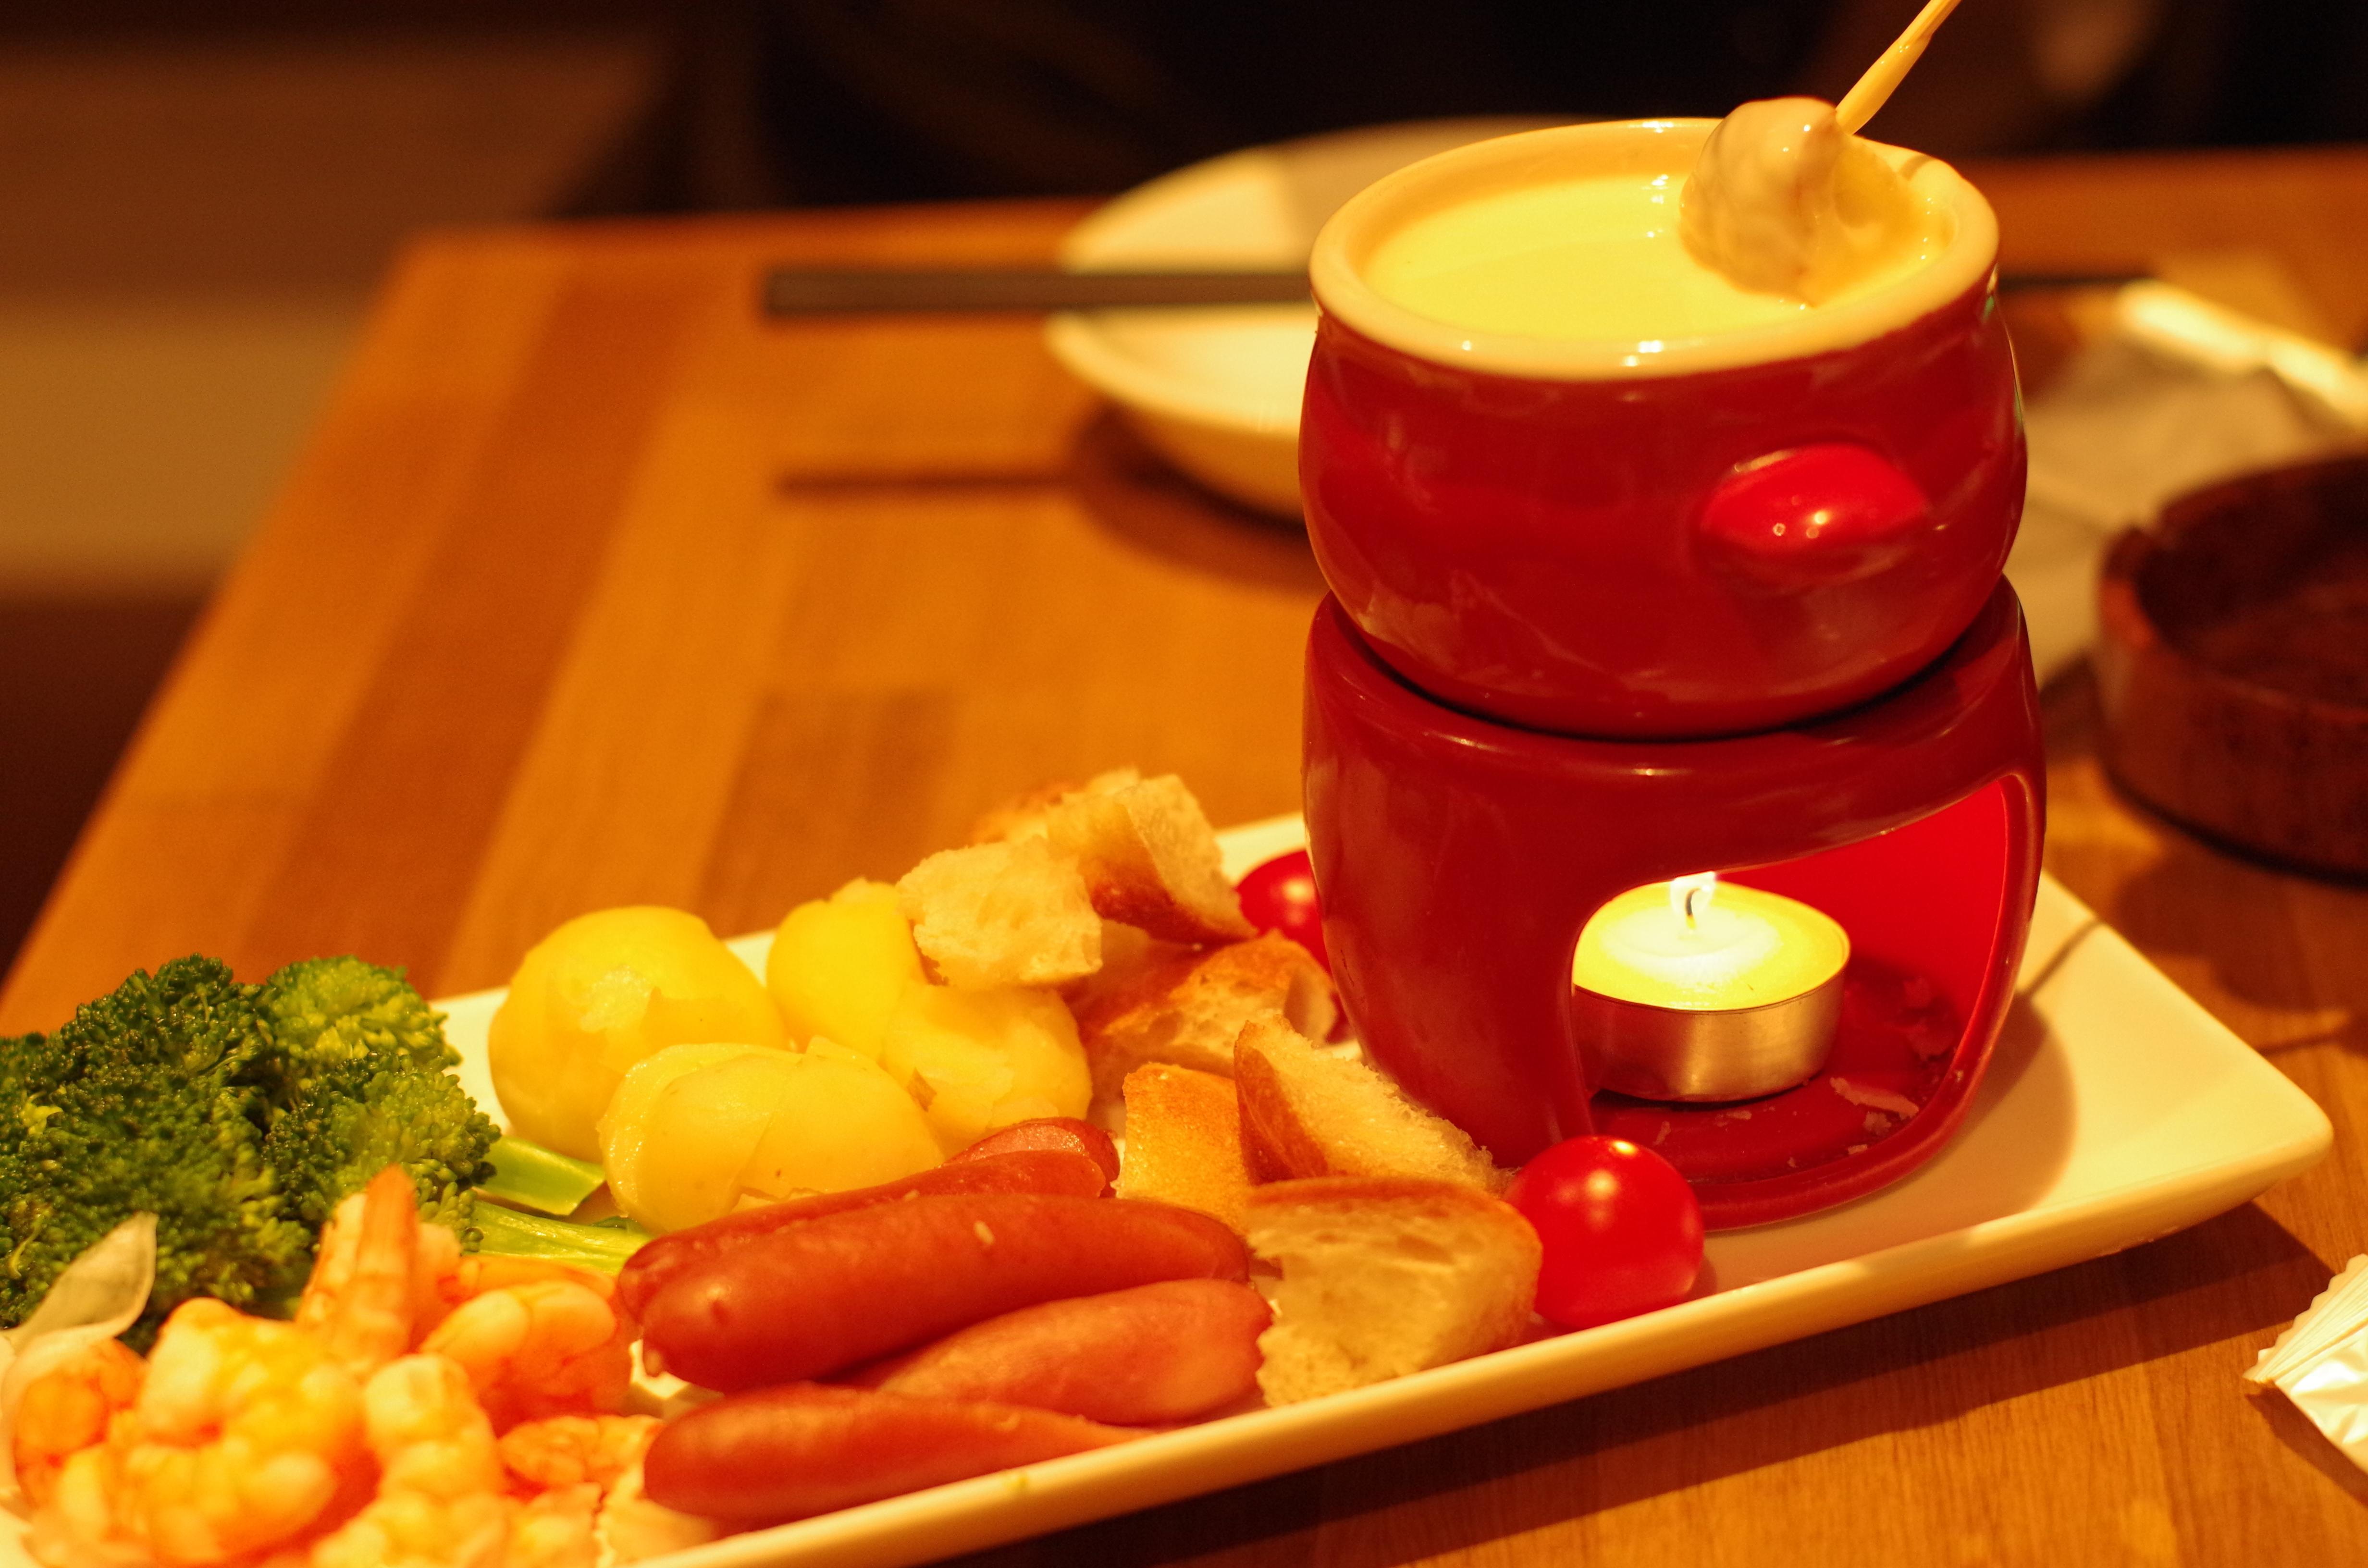 渋谷の【肉バル&チーズ酒場 デルソーレ】で絶品チーズフォンデュ♪